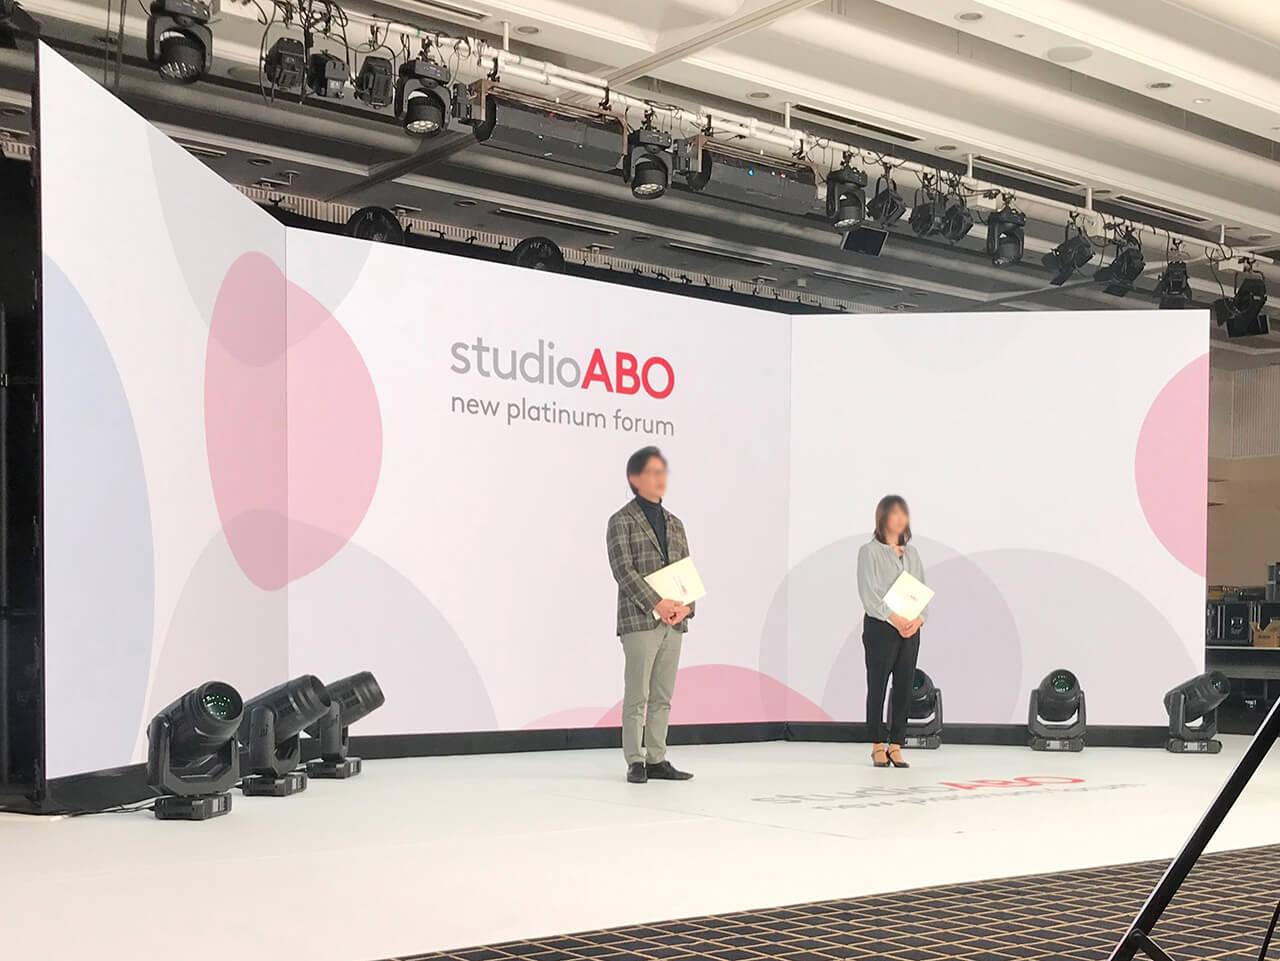 studio ABO new platinum forum